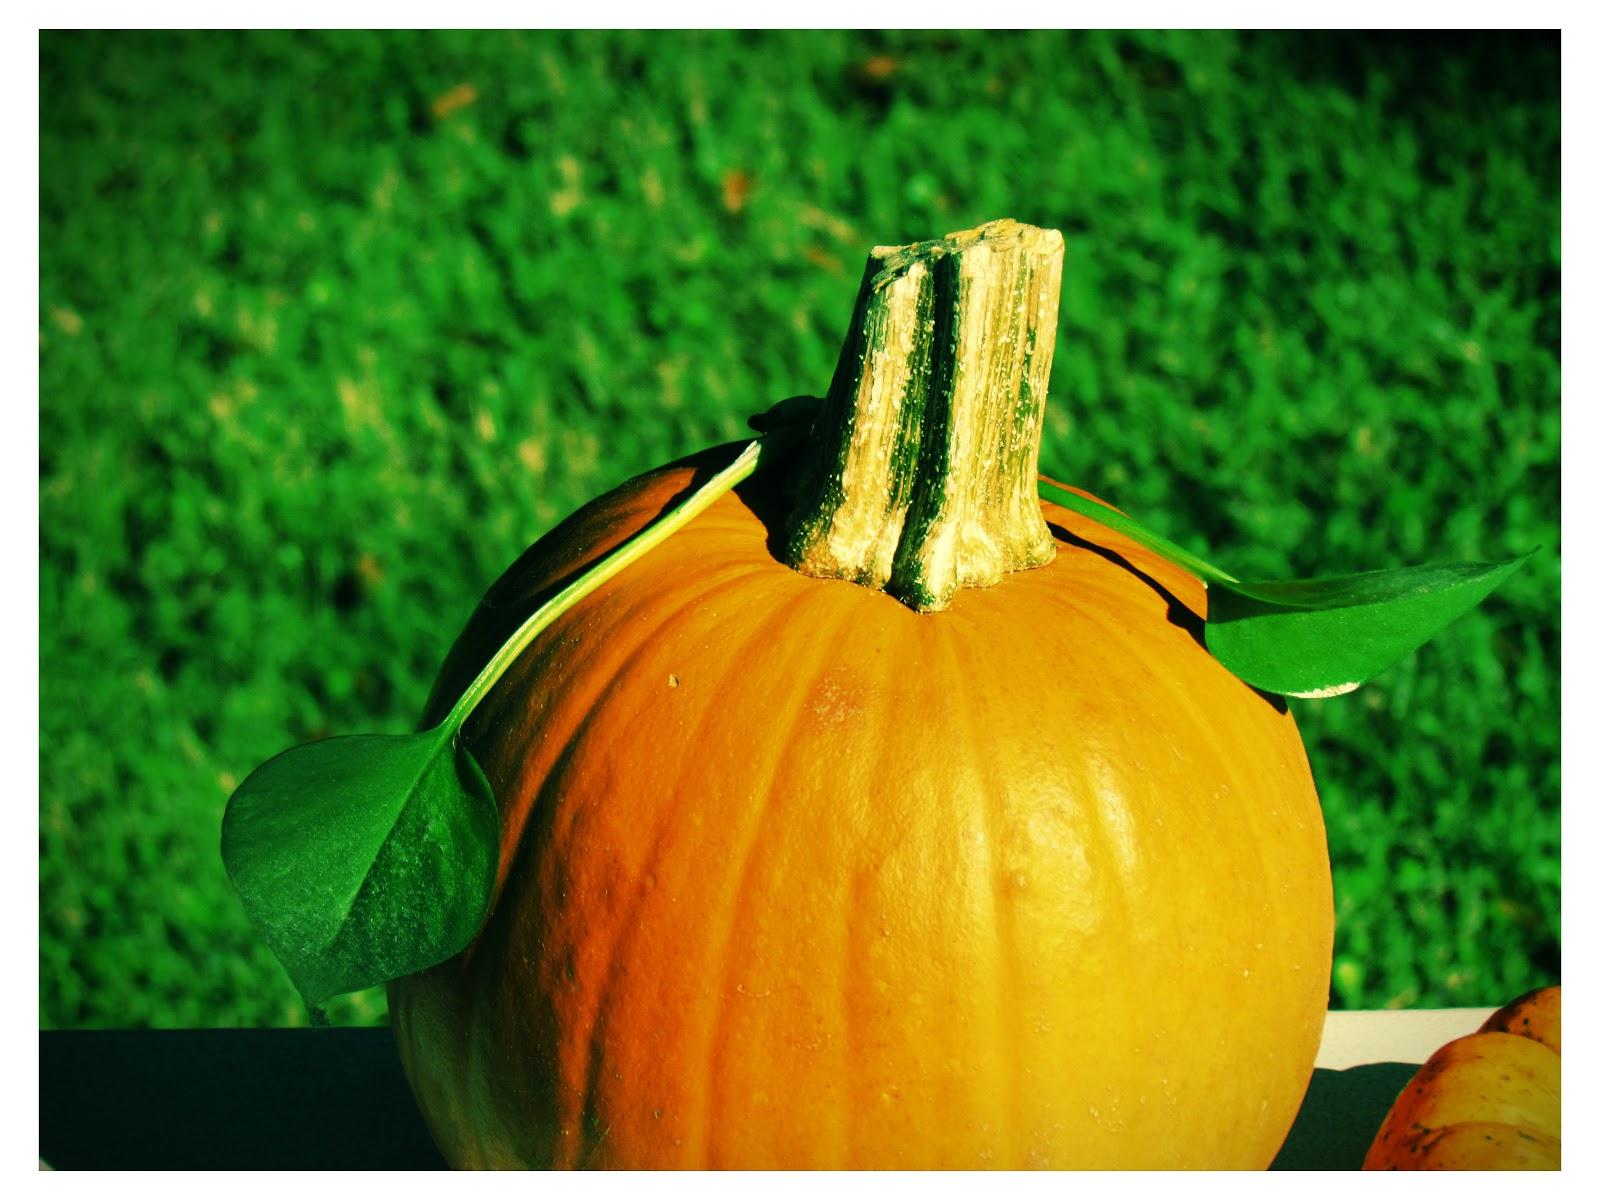 Autumn Halloween Pumpkin Lomo Art Polaroid Picture